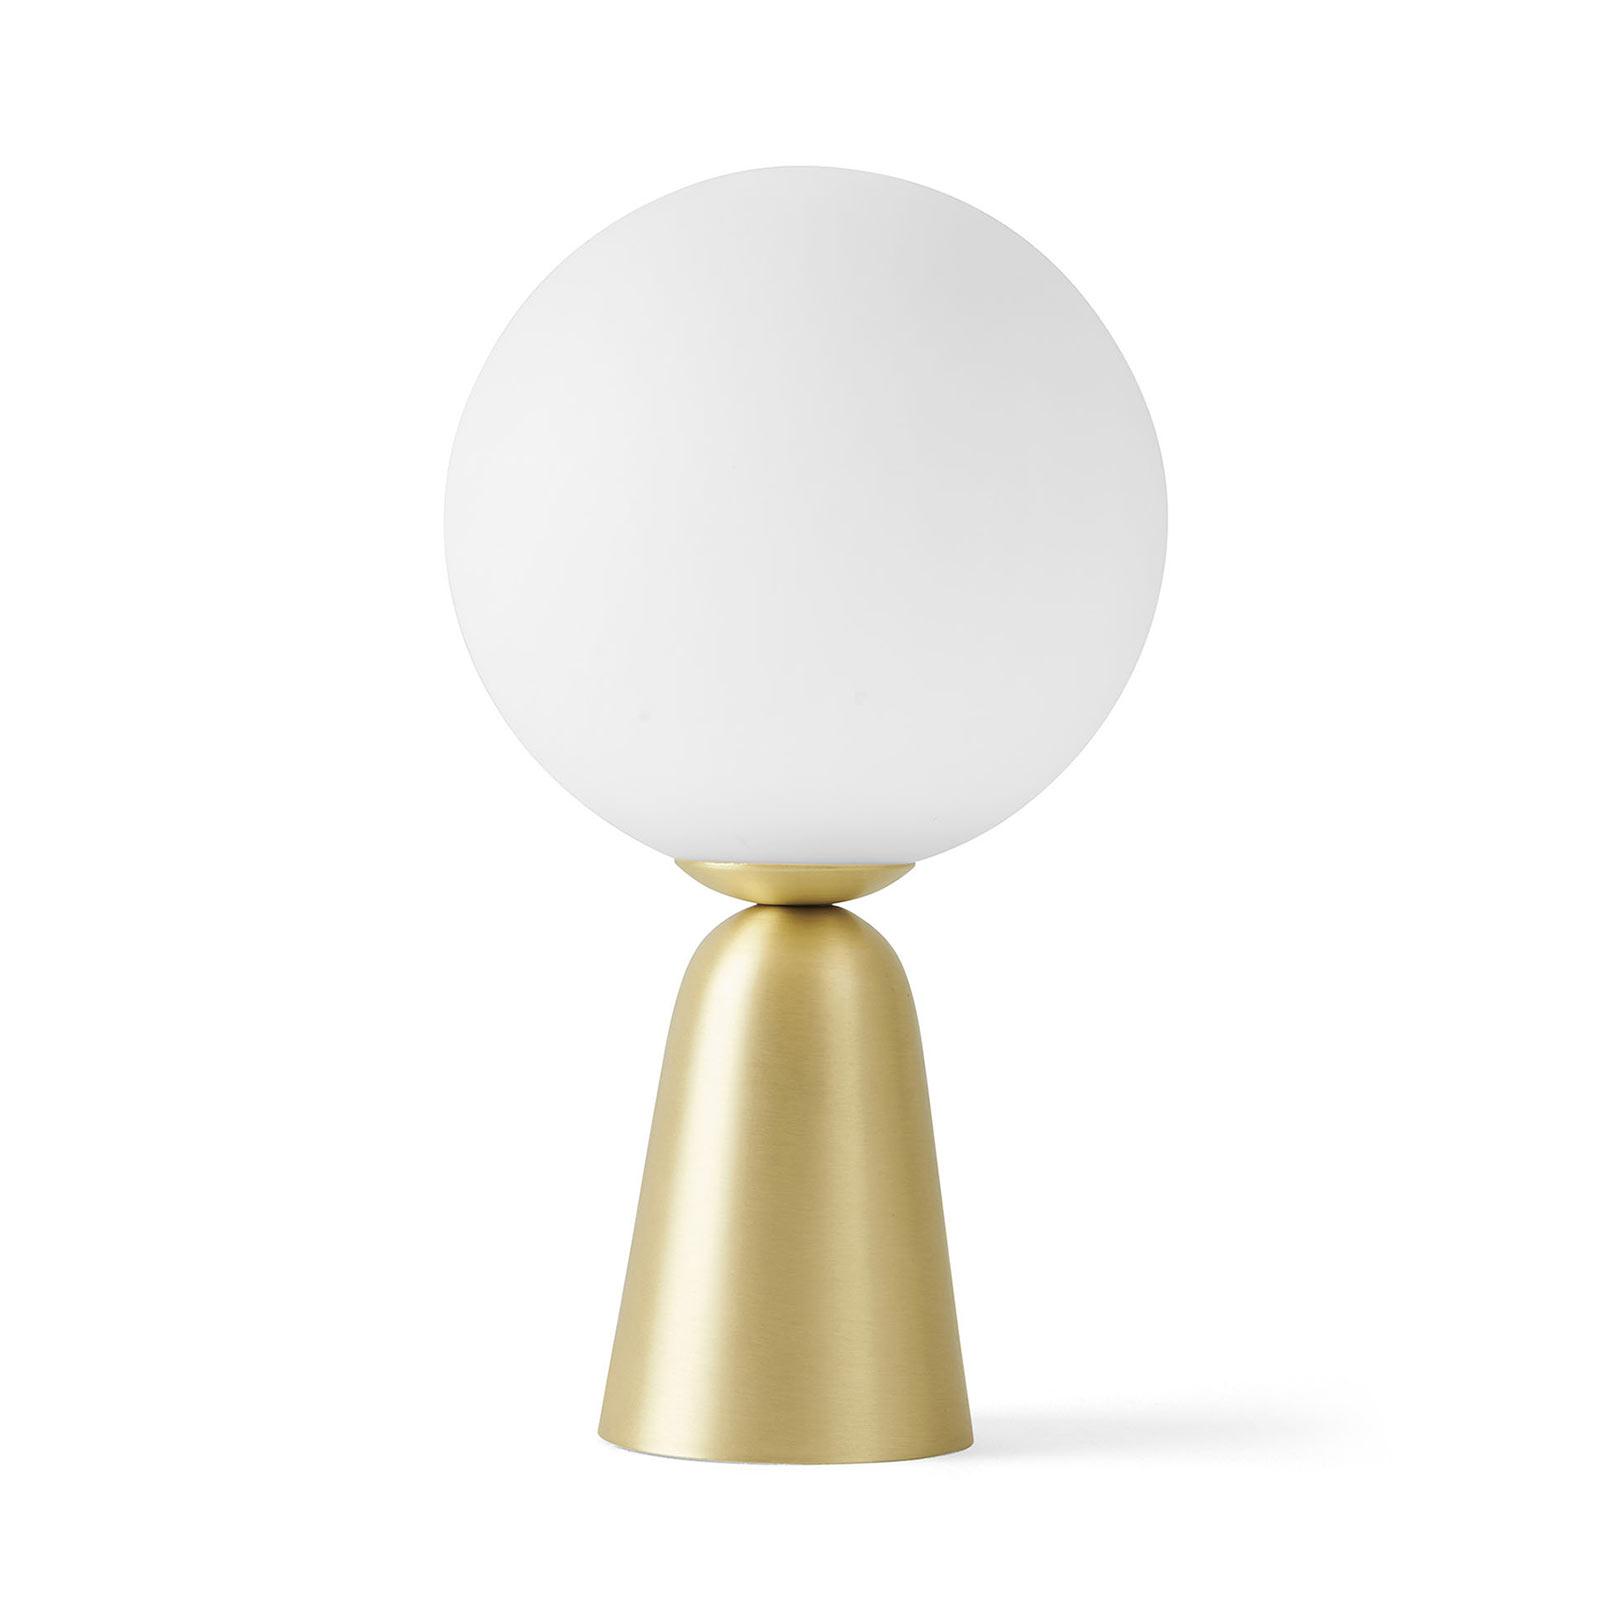 Tischleuchte Lunar mit goldenem Fuß, Ø 12 cm